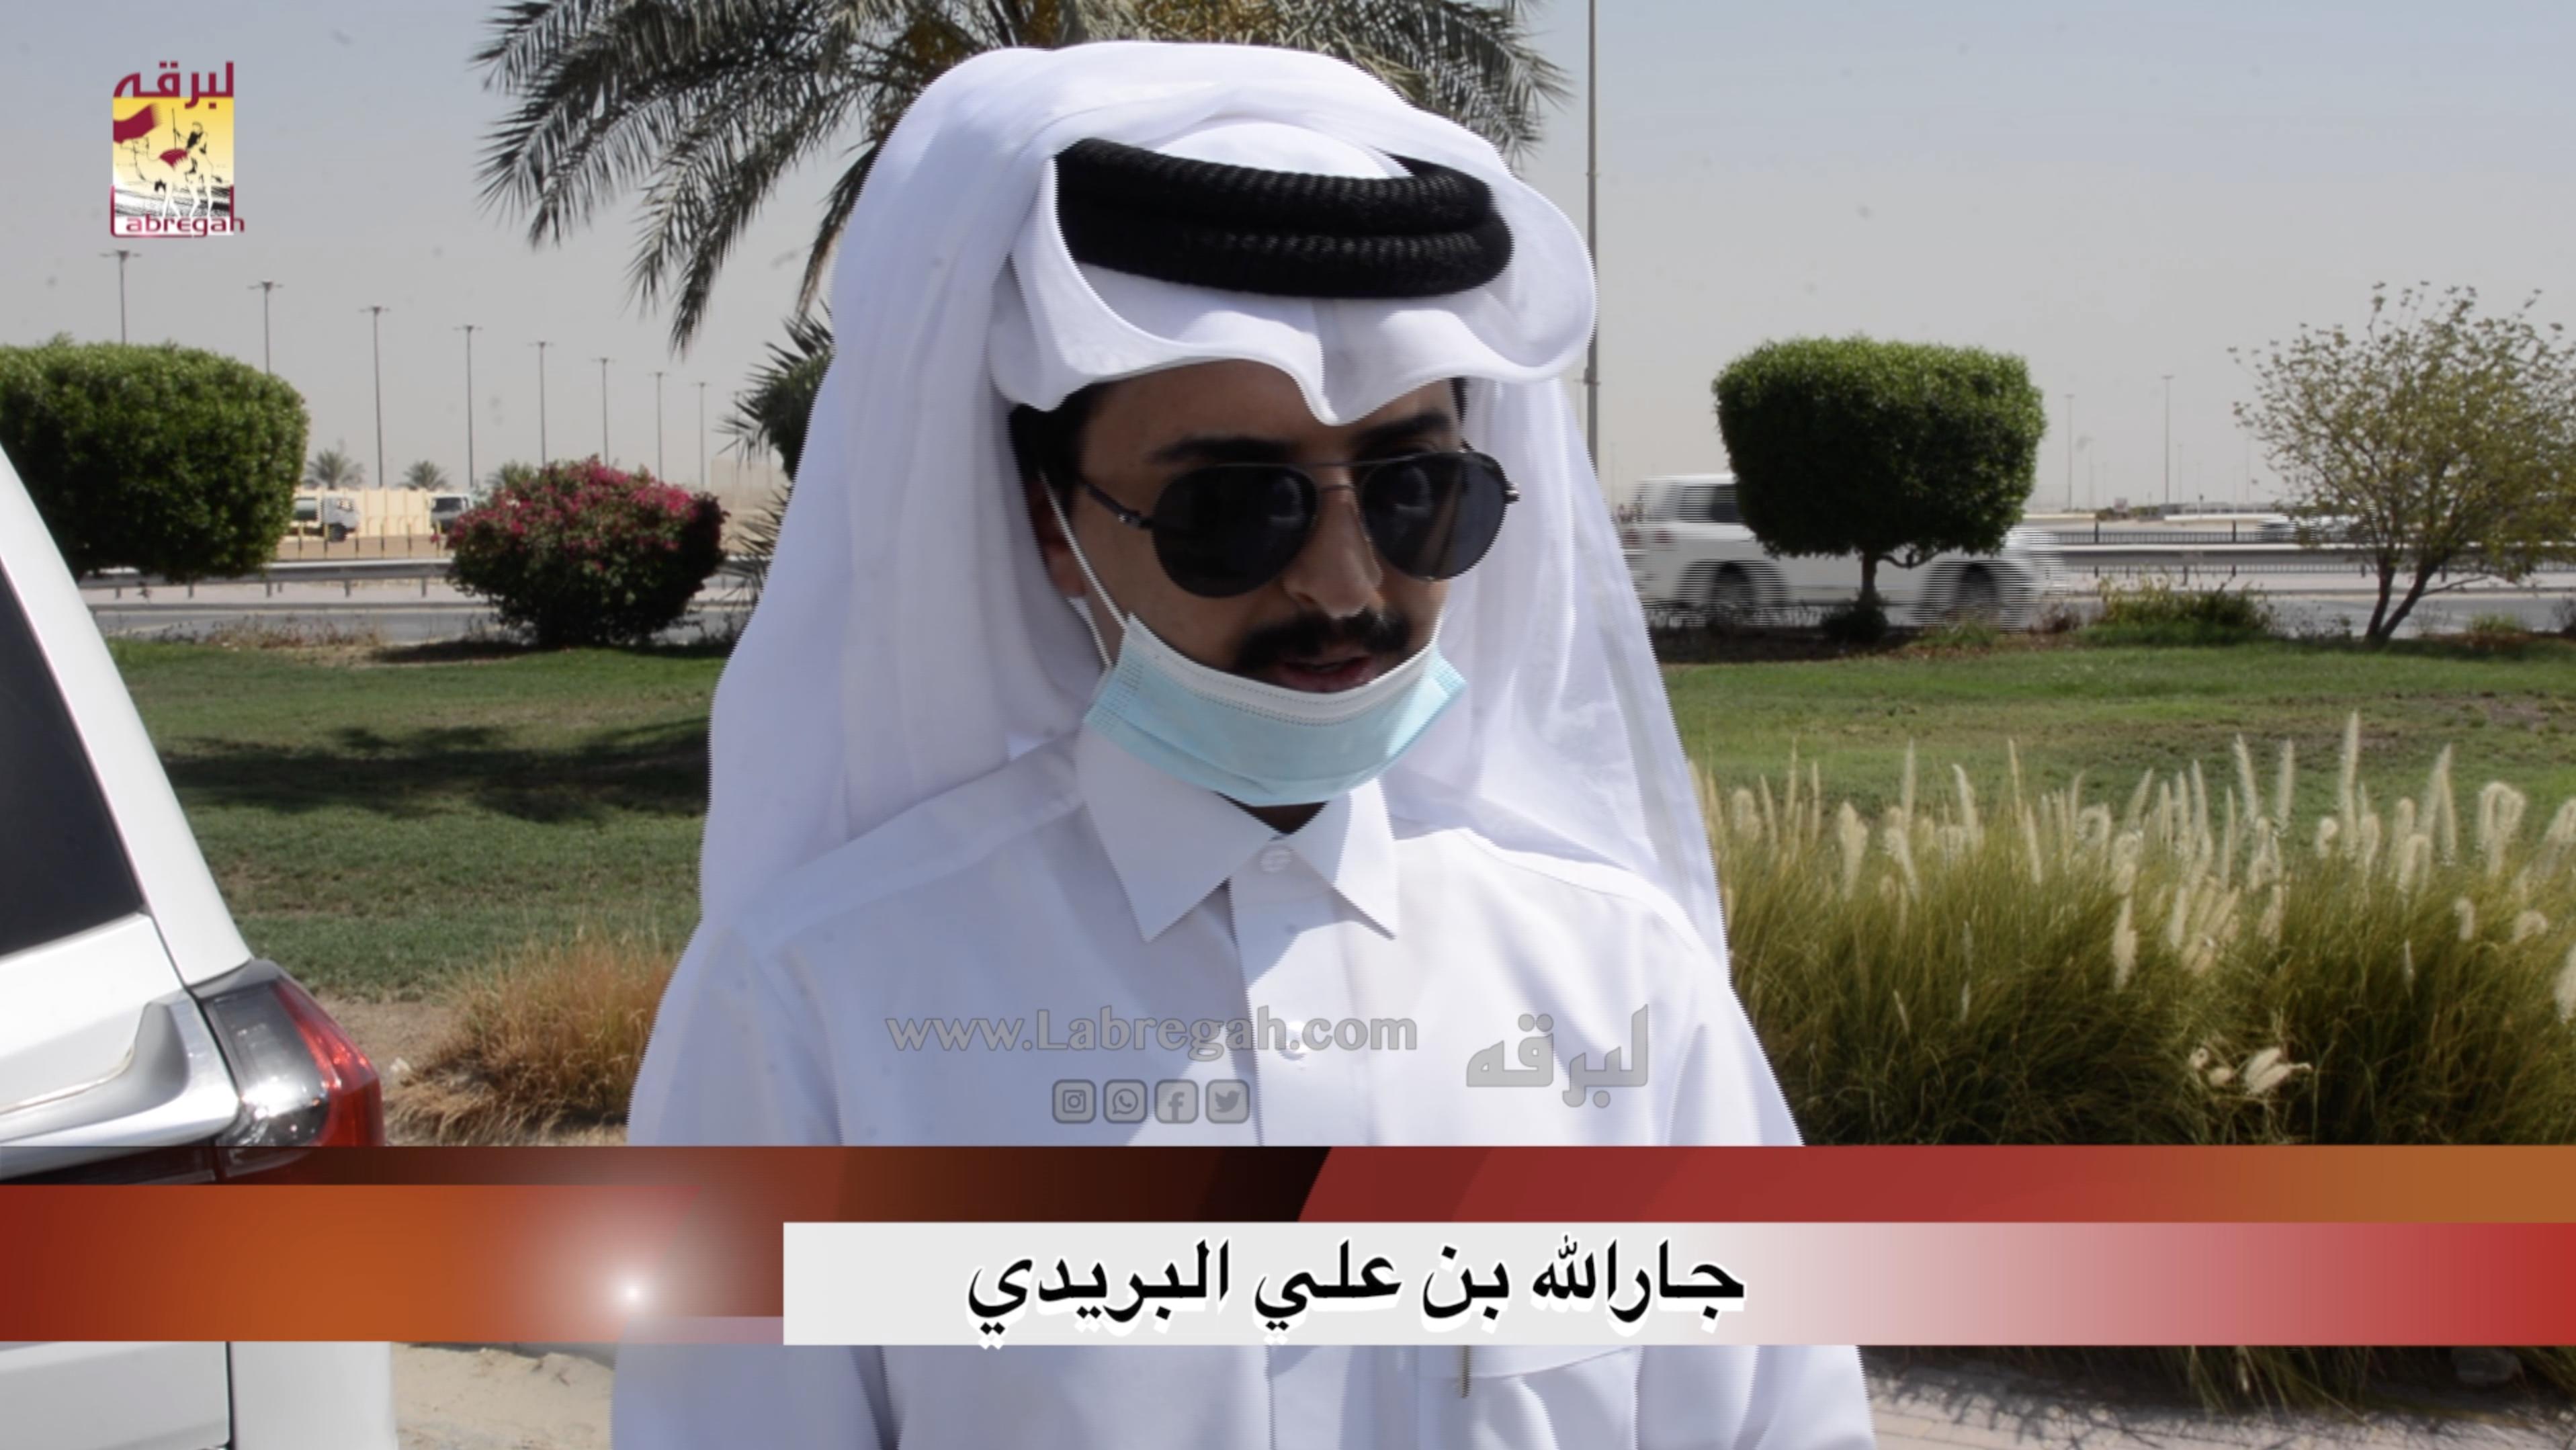 لقاء مع جارالله بن علي البريدي الفائز بالشوط الرئيسي للقايا قعدان مفتوح صباح ٧-٩-٢٠٢٠